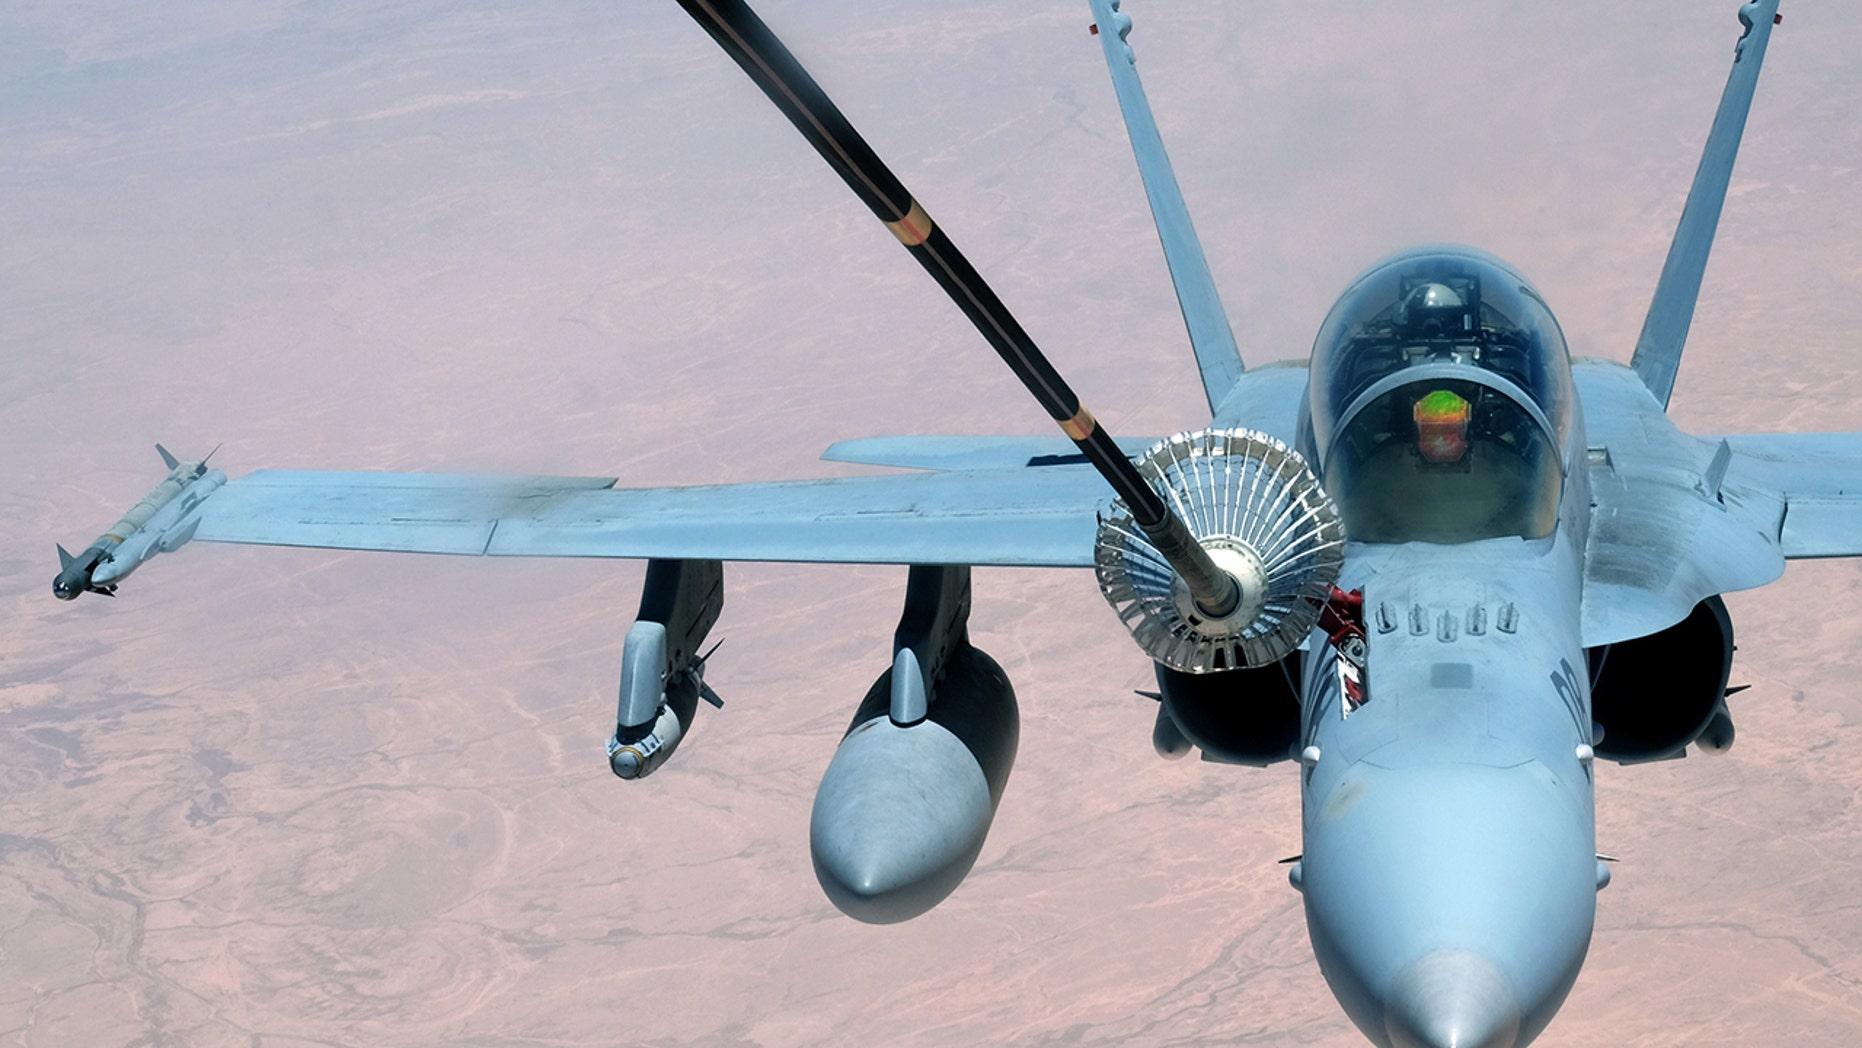 A F-18 Super Hornet receives fuel.